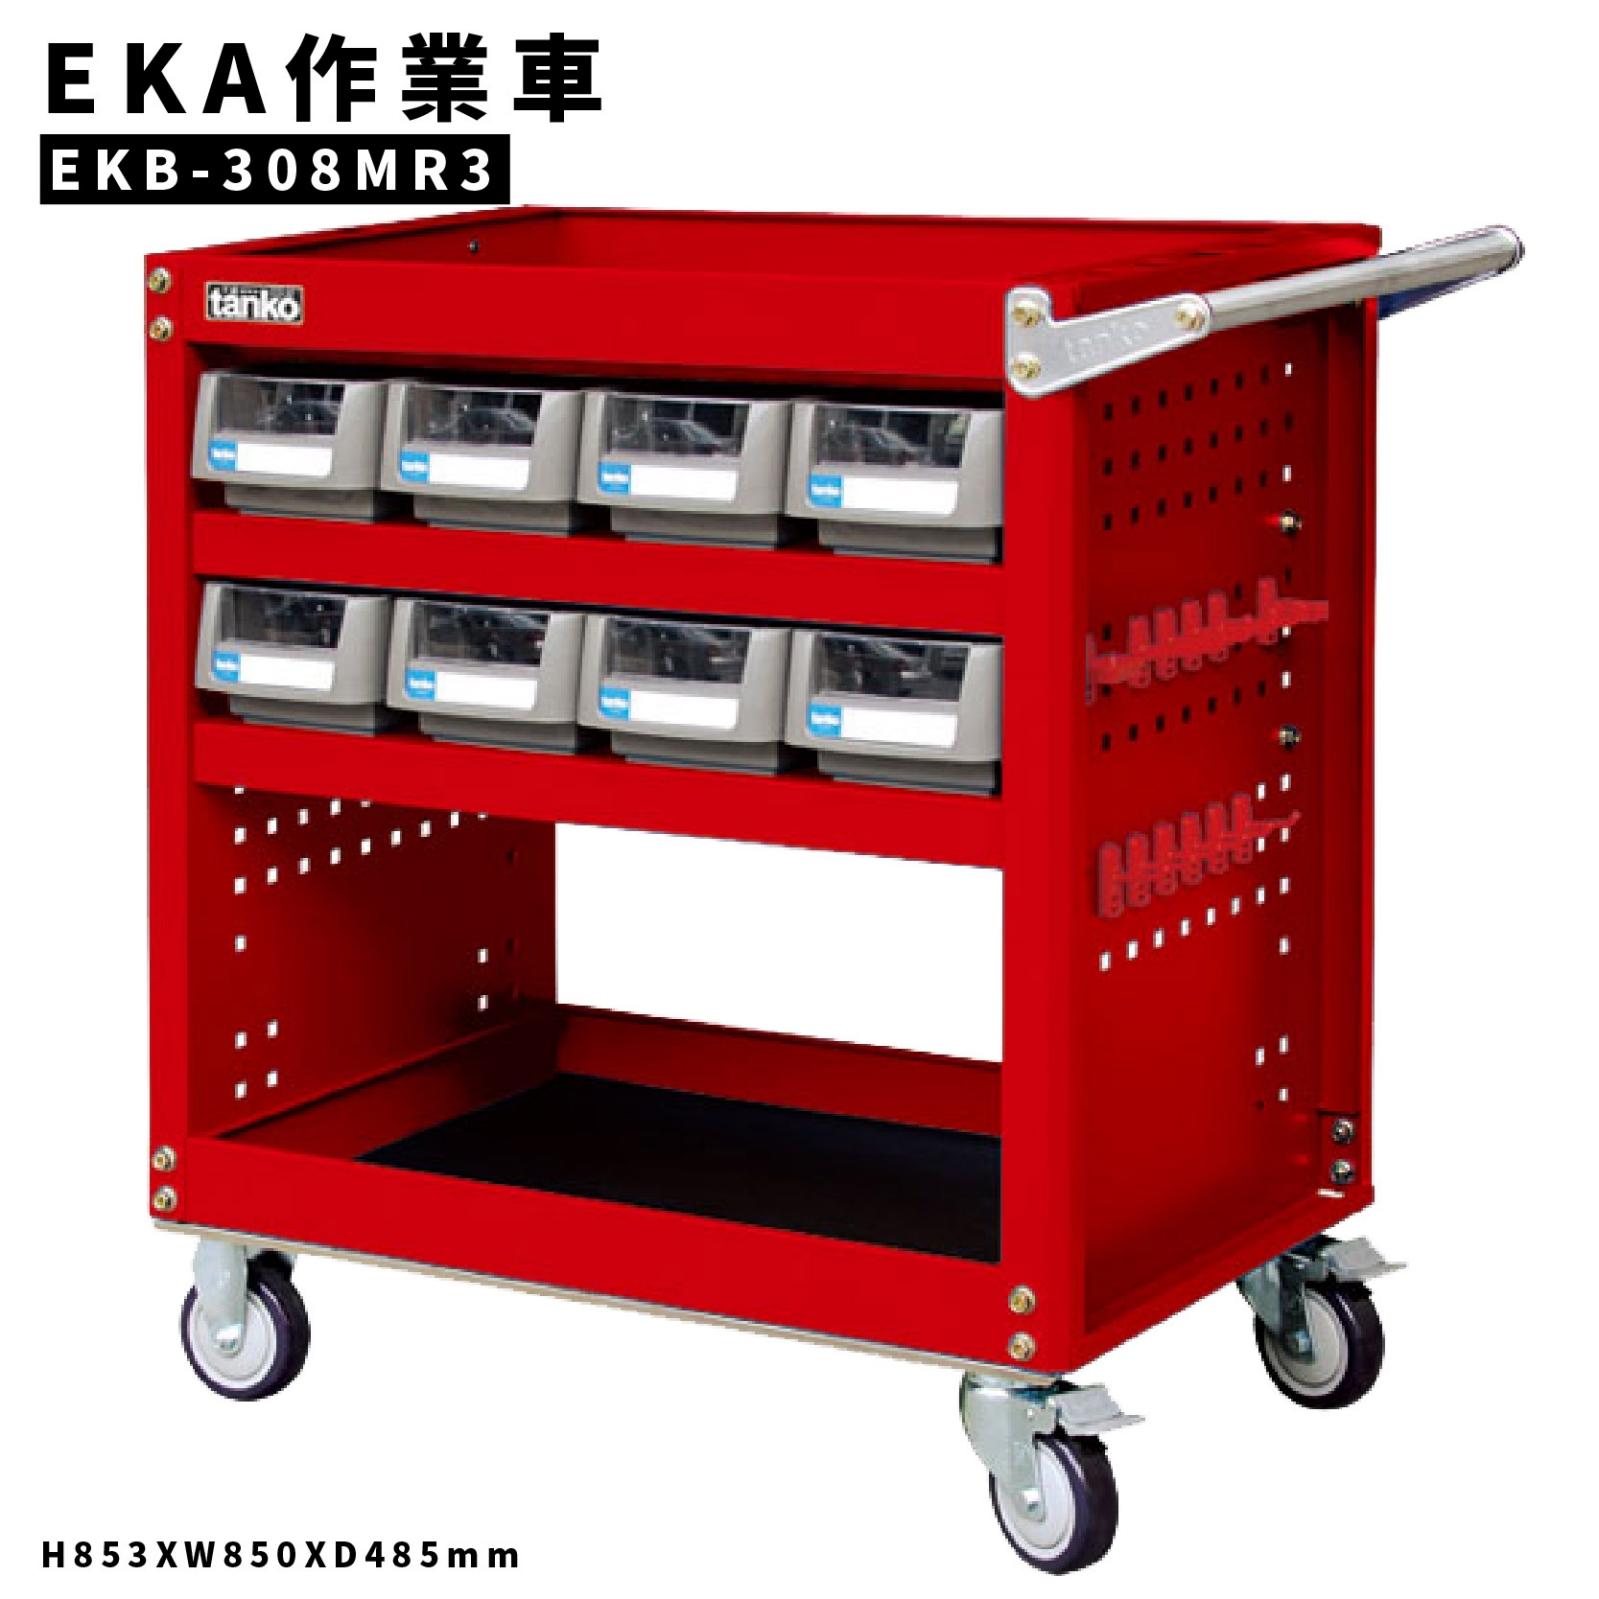 EKB-308MR3《EKB作業車》紅色 工具車 手推車 保養廠 工廠 車廠 汽車維修廠 含掛鉤一組(12pcs)